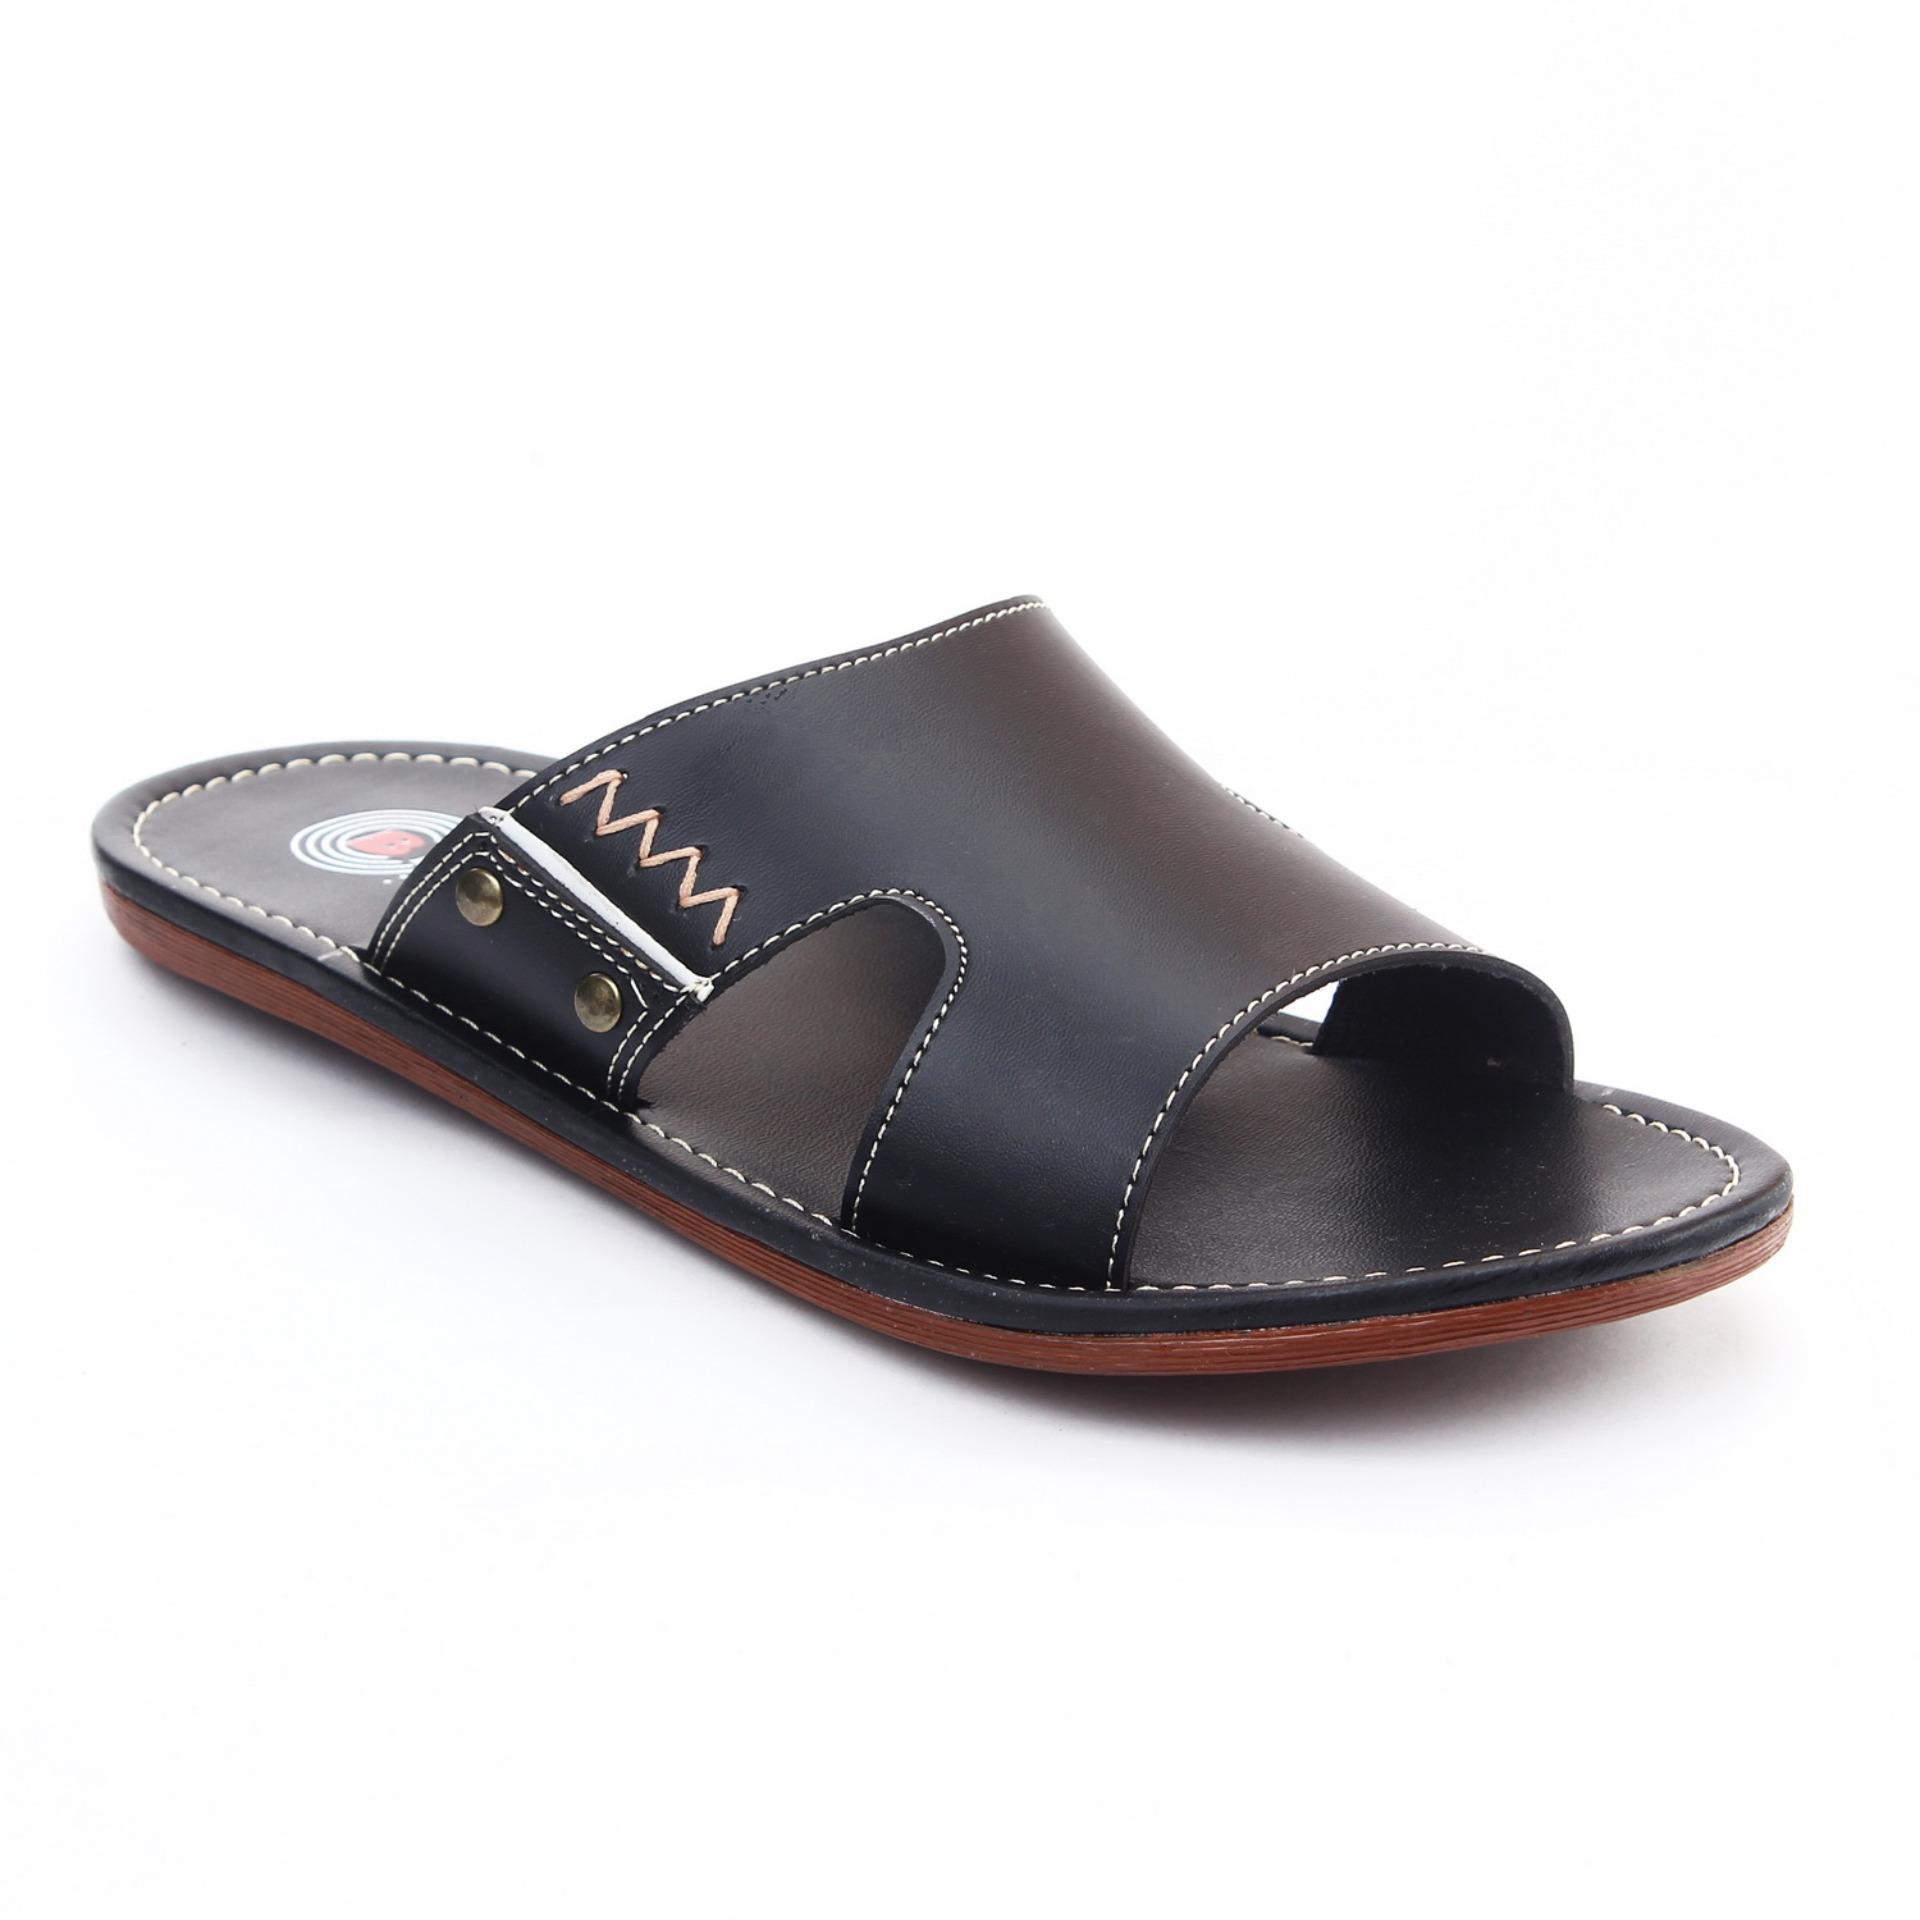 Jual Salvo Sepatu Murah Garansi Dan Berkualitas Id Store Kasual Denim Pria Abu Rp 25000 Fashion